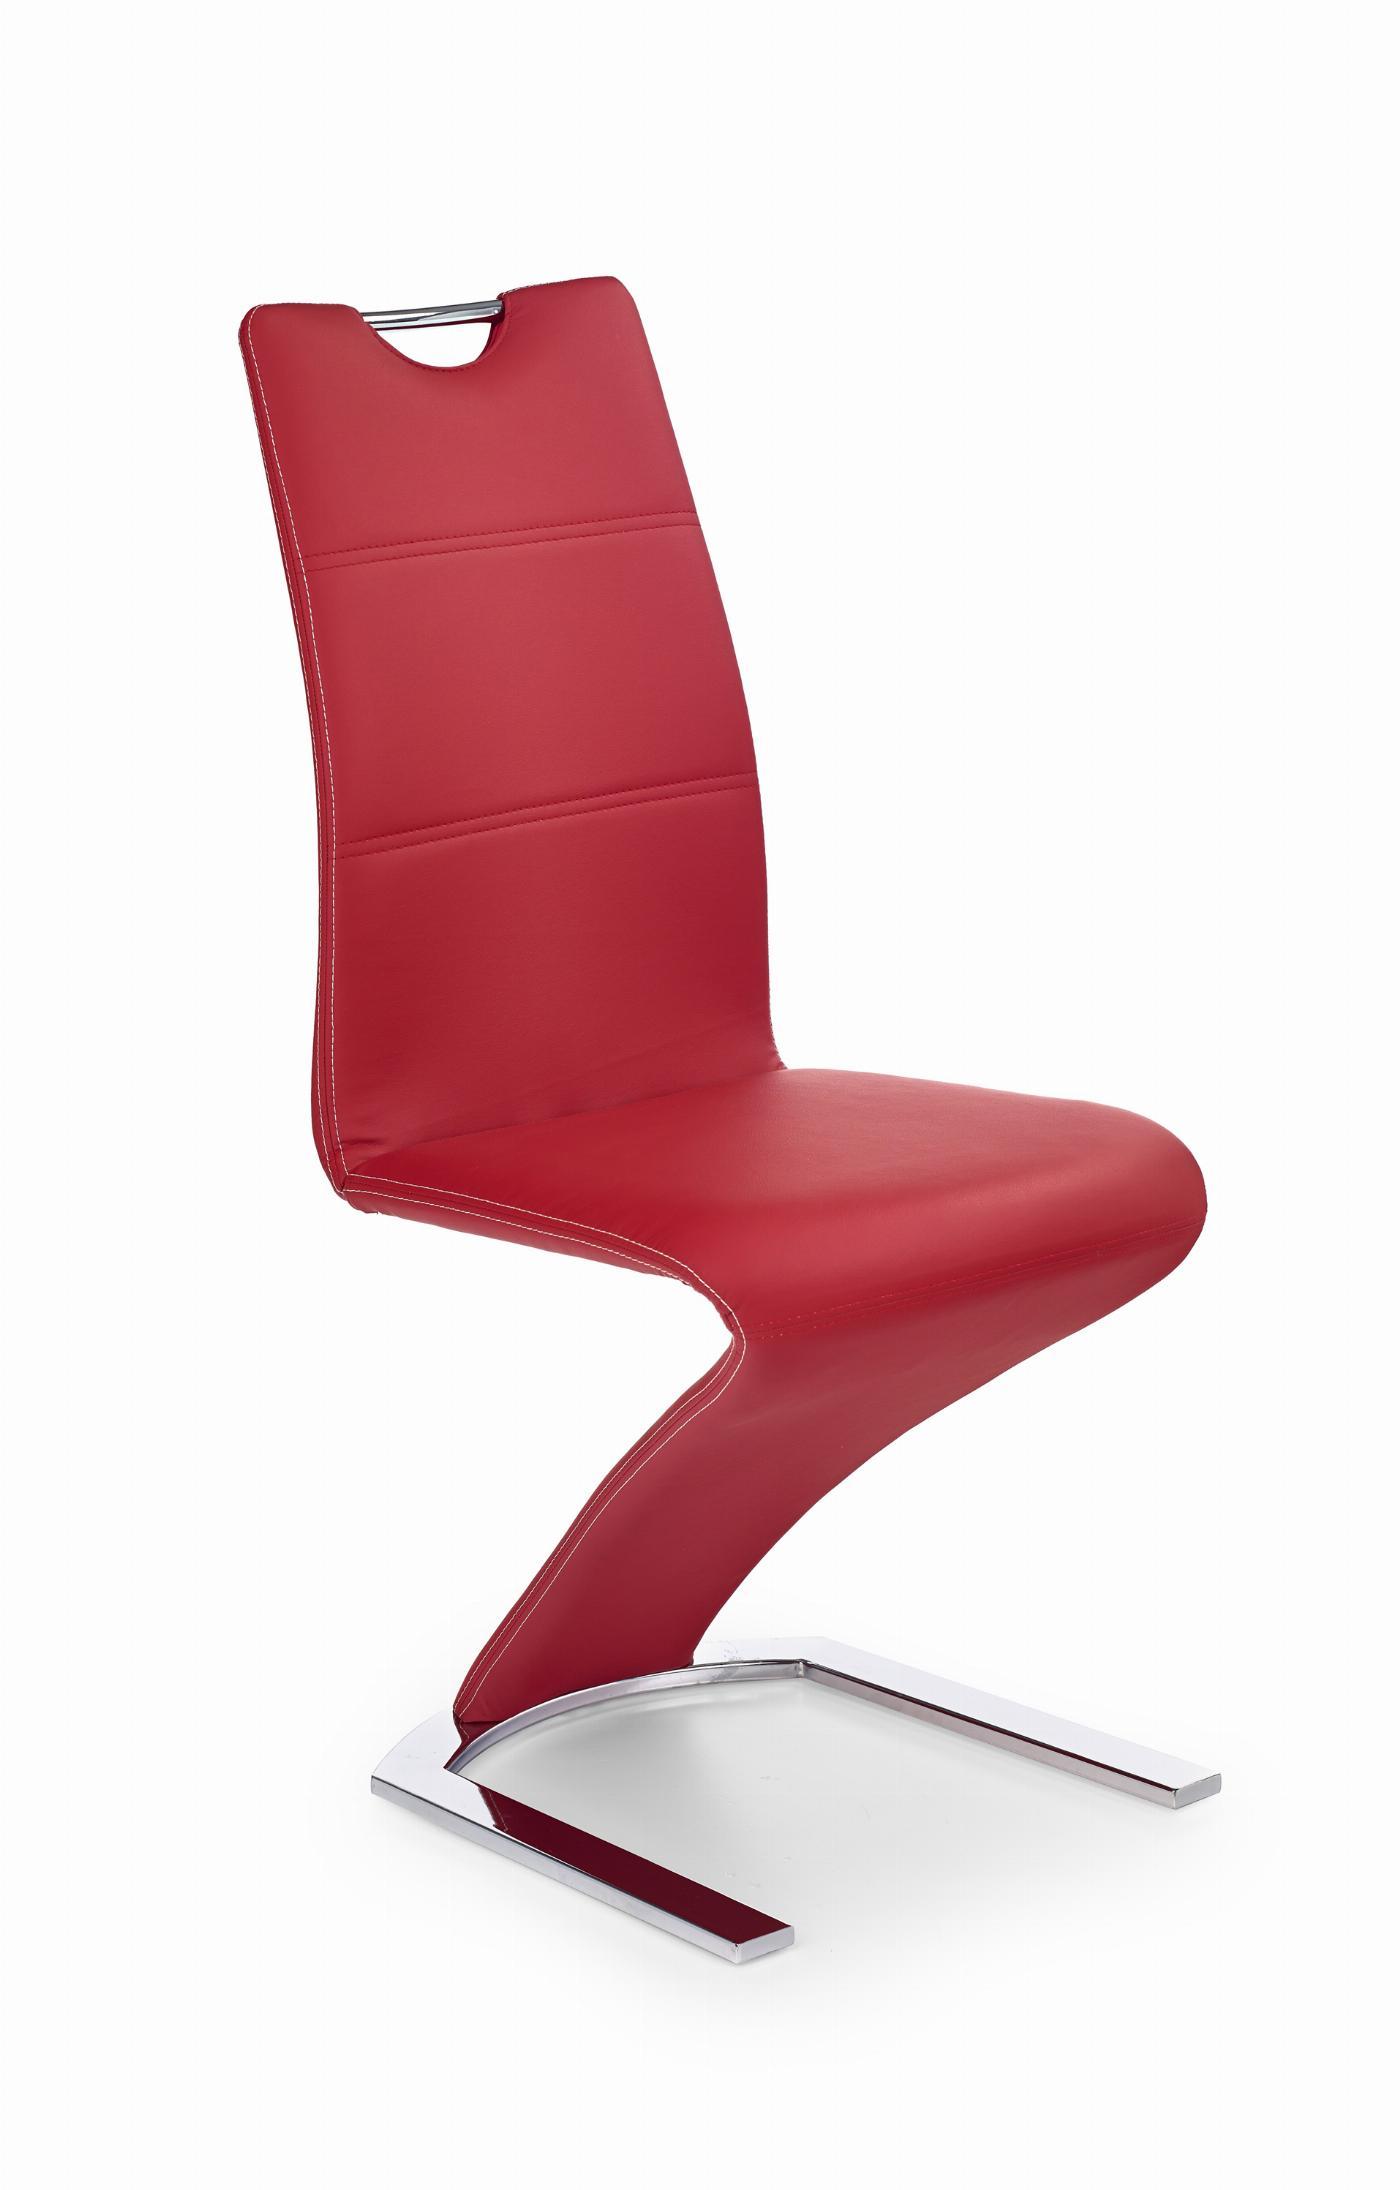 K188 krzesło czerwone (1p=2szt)